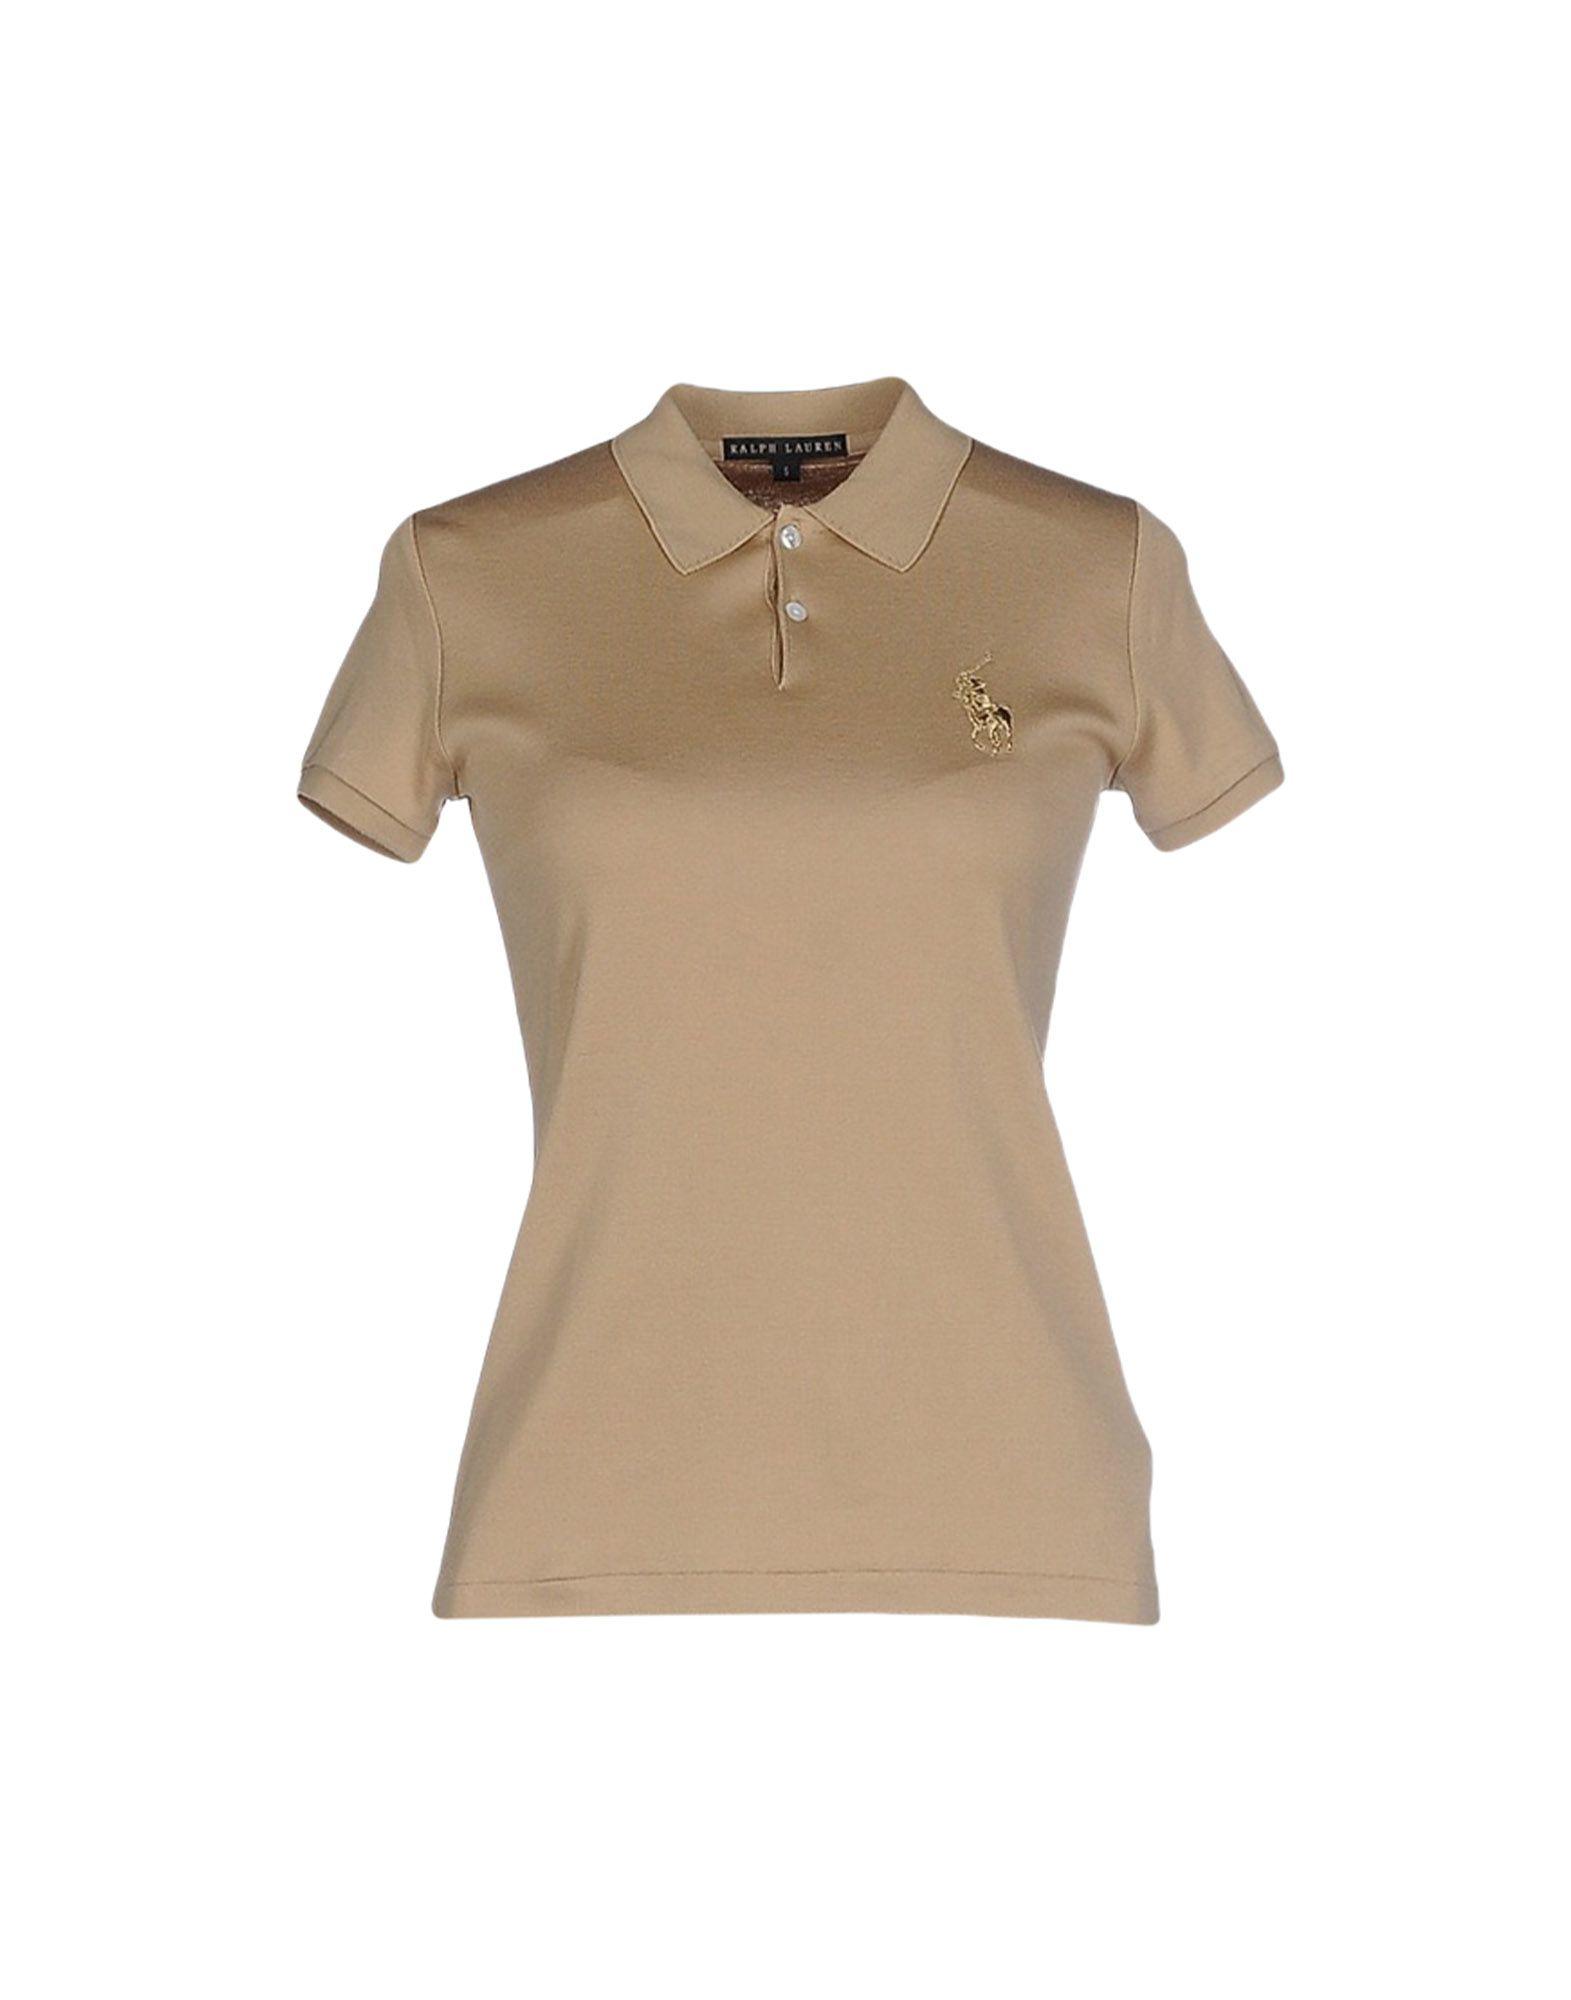 Ralph lauren black label polo shirt in beige camel lyst for Ralph lauren black label polo shirt